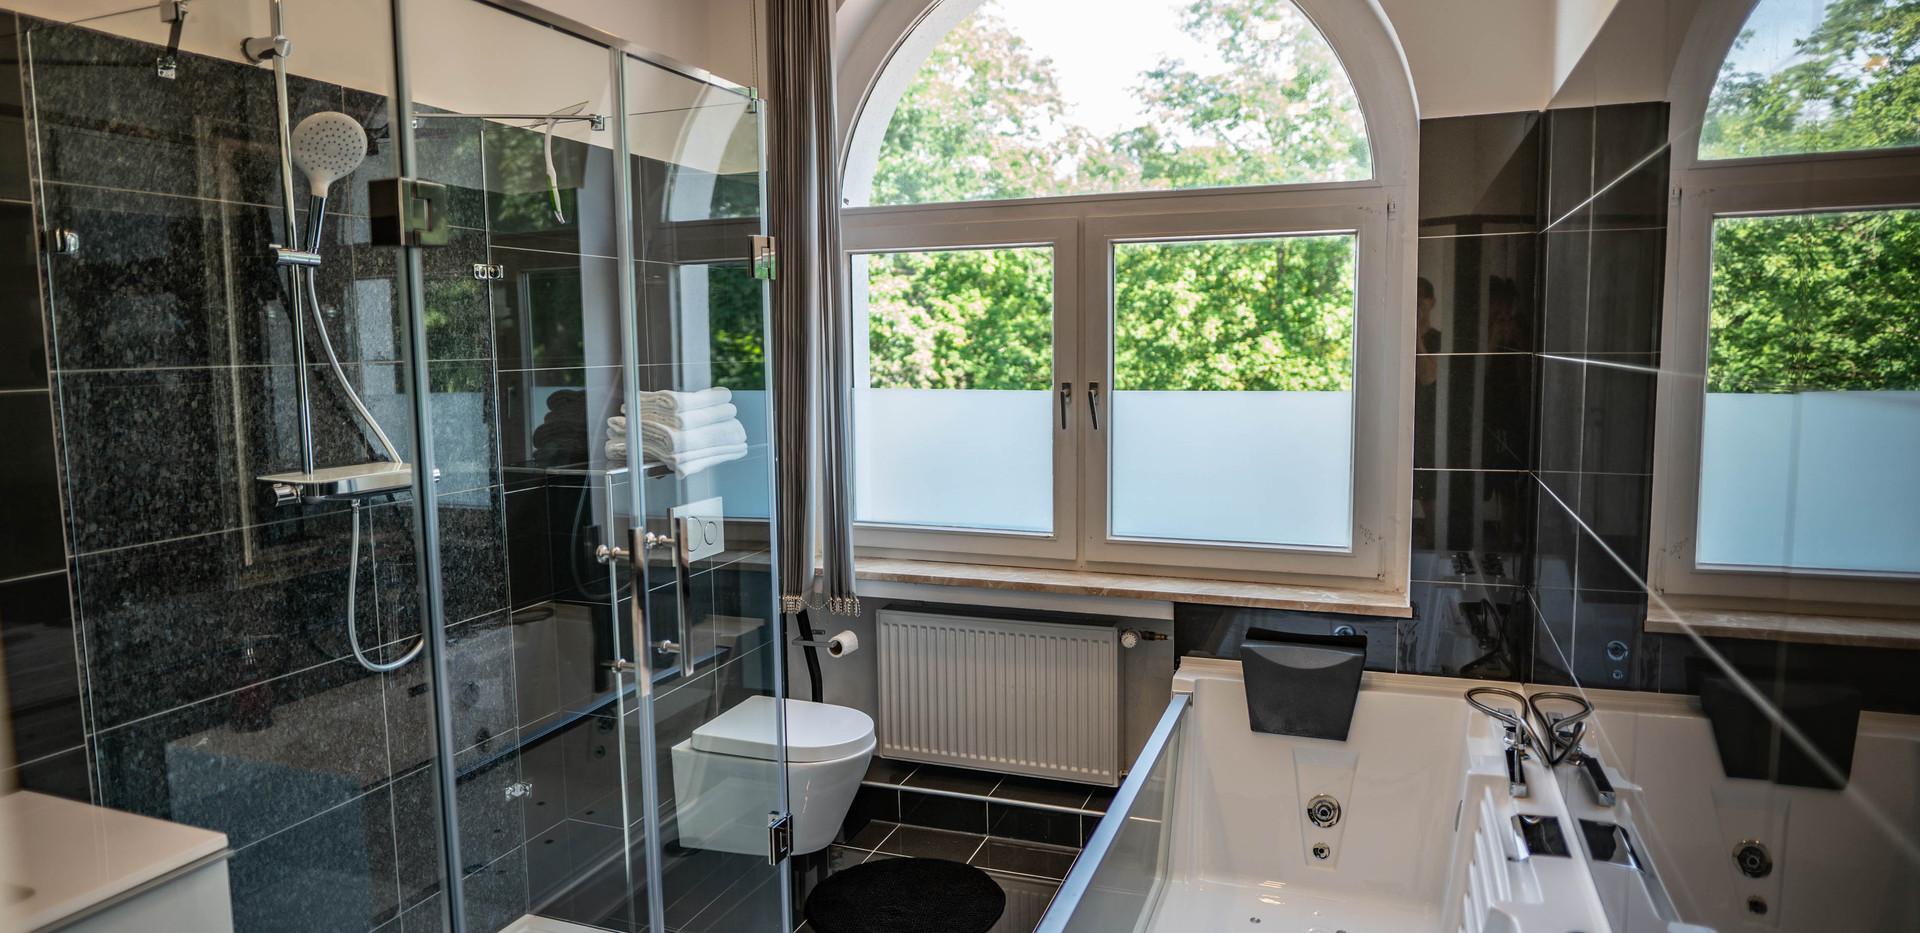 Luxusbad_Whirlpool_Platin_Hochzeit_Suite